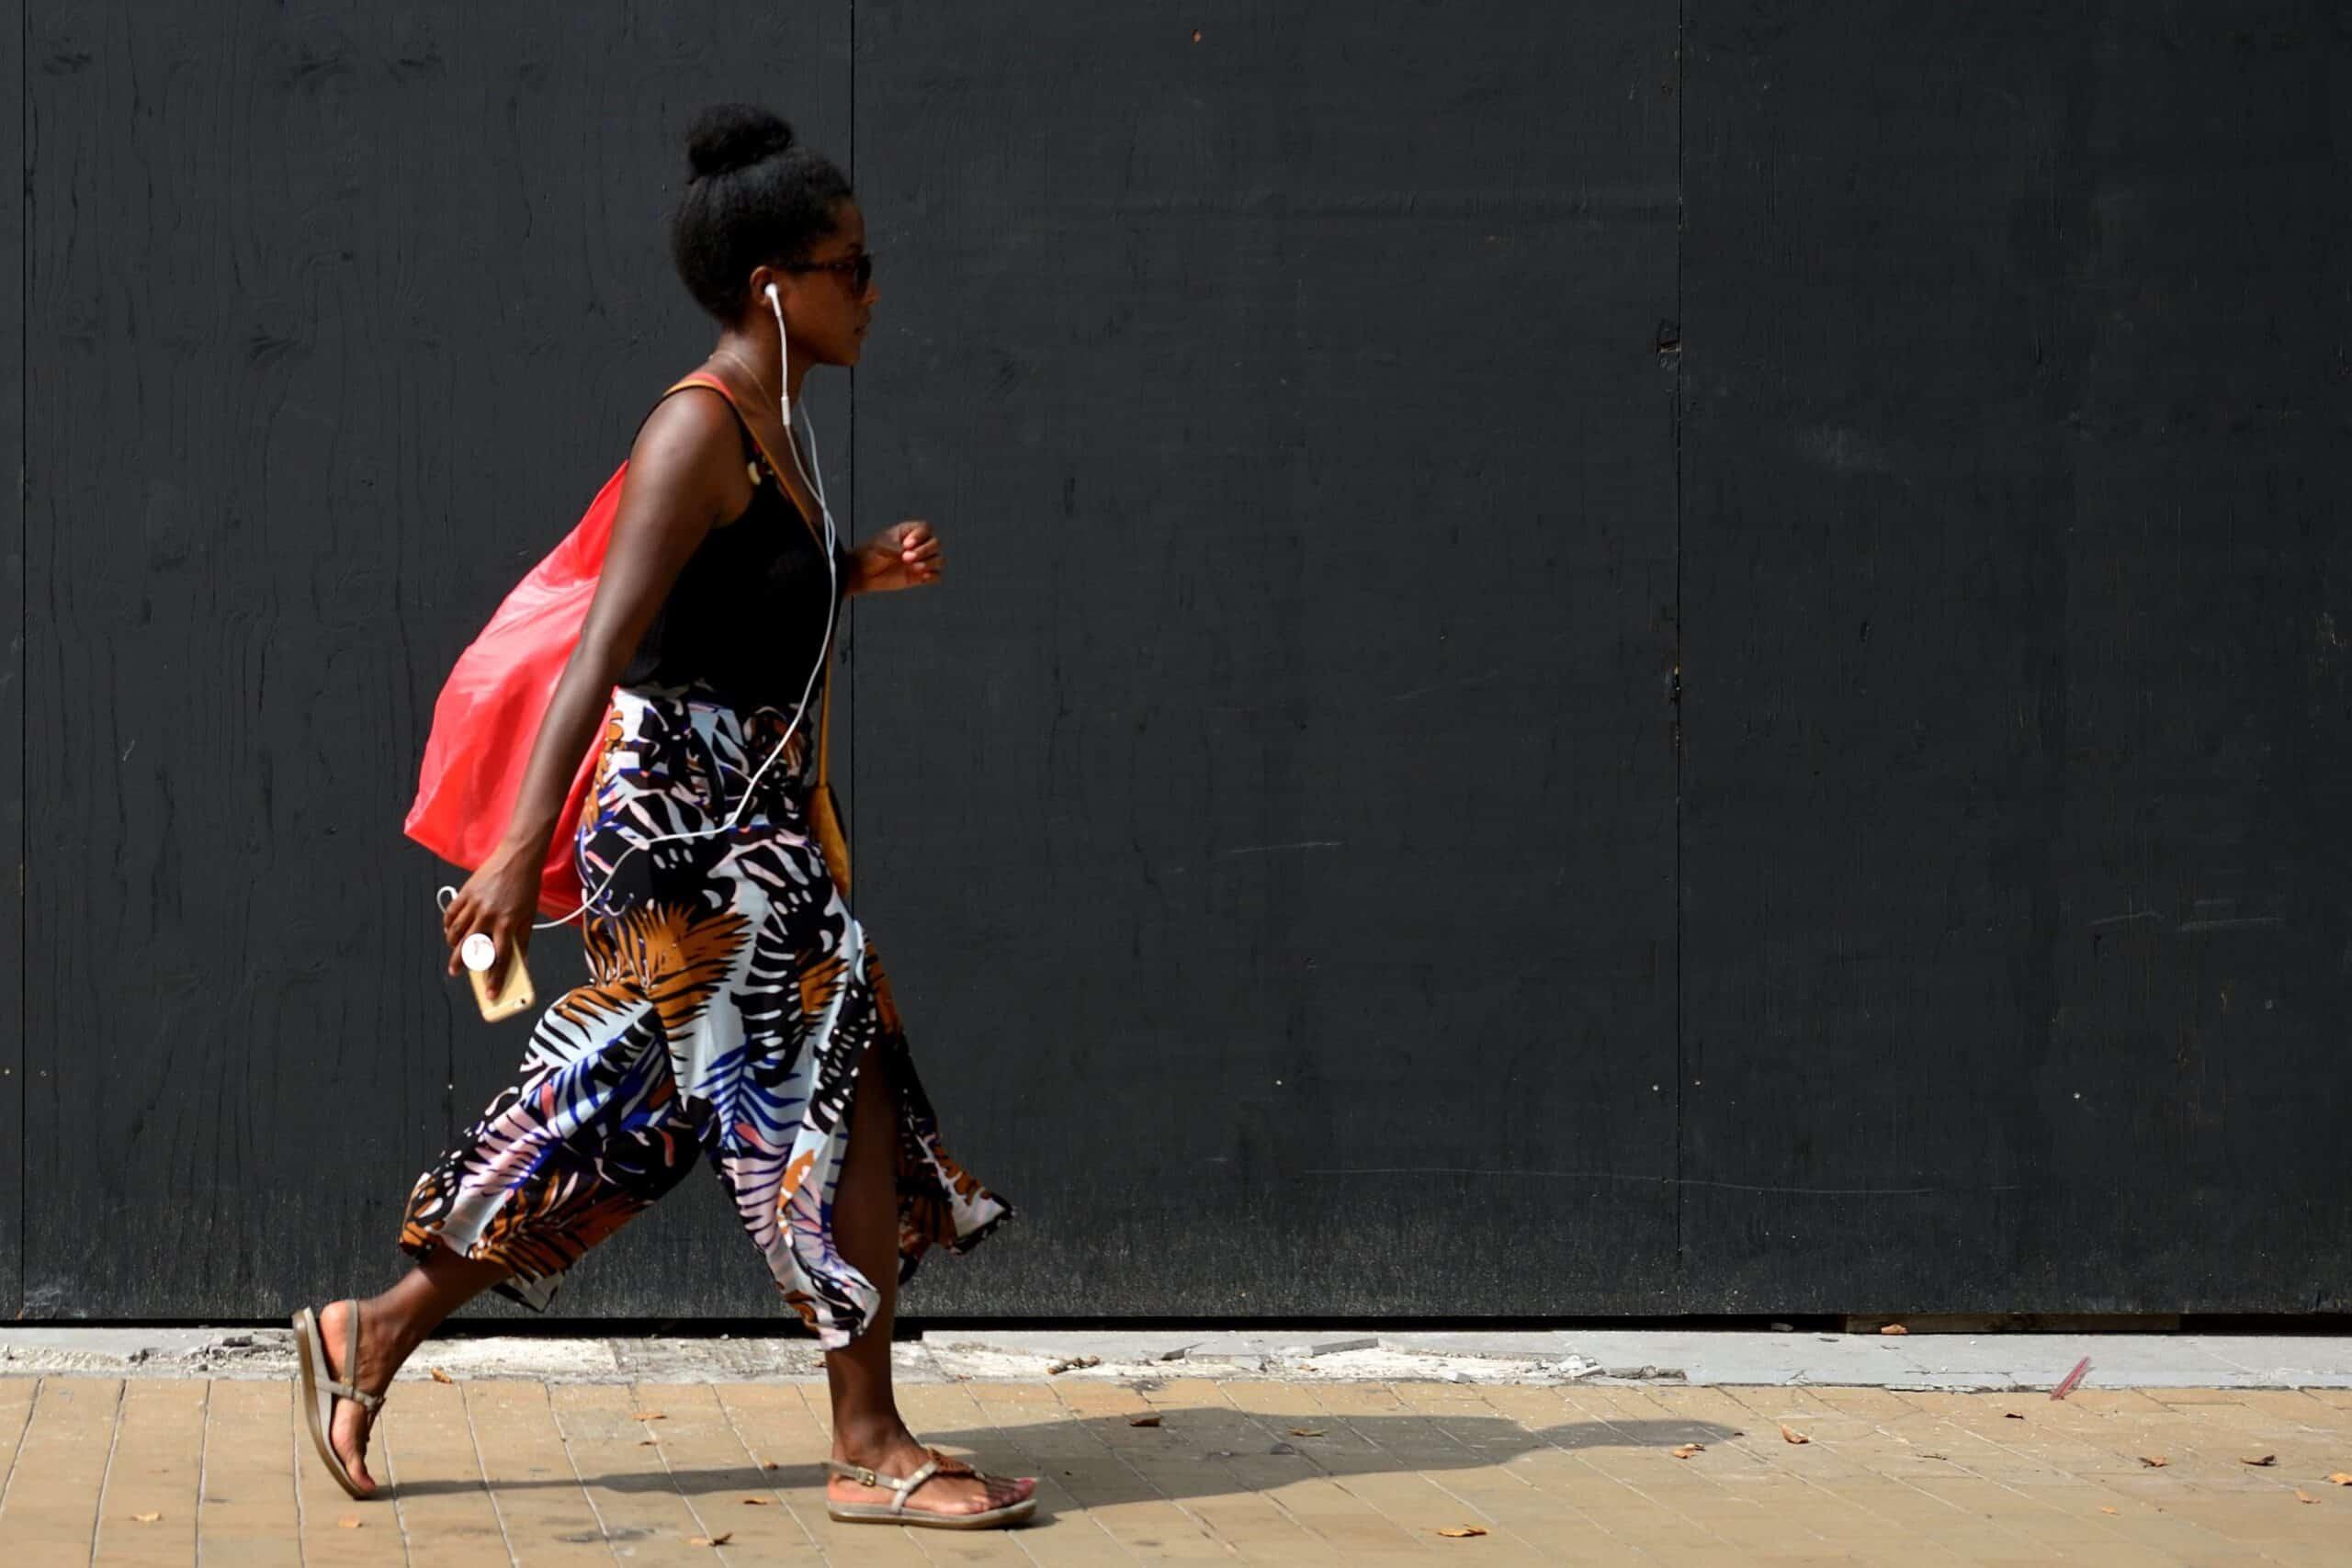 Vrouw loopt voor donkere wand tijdens workshop straatfotografie